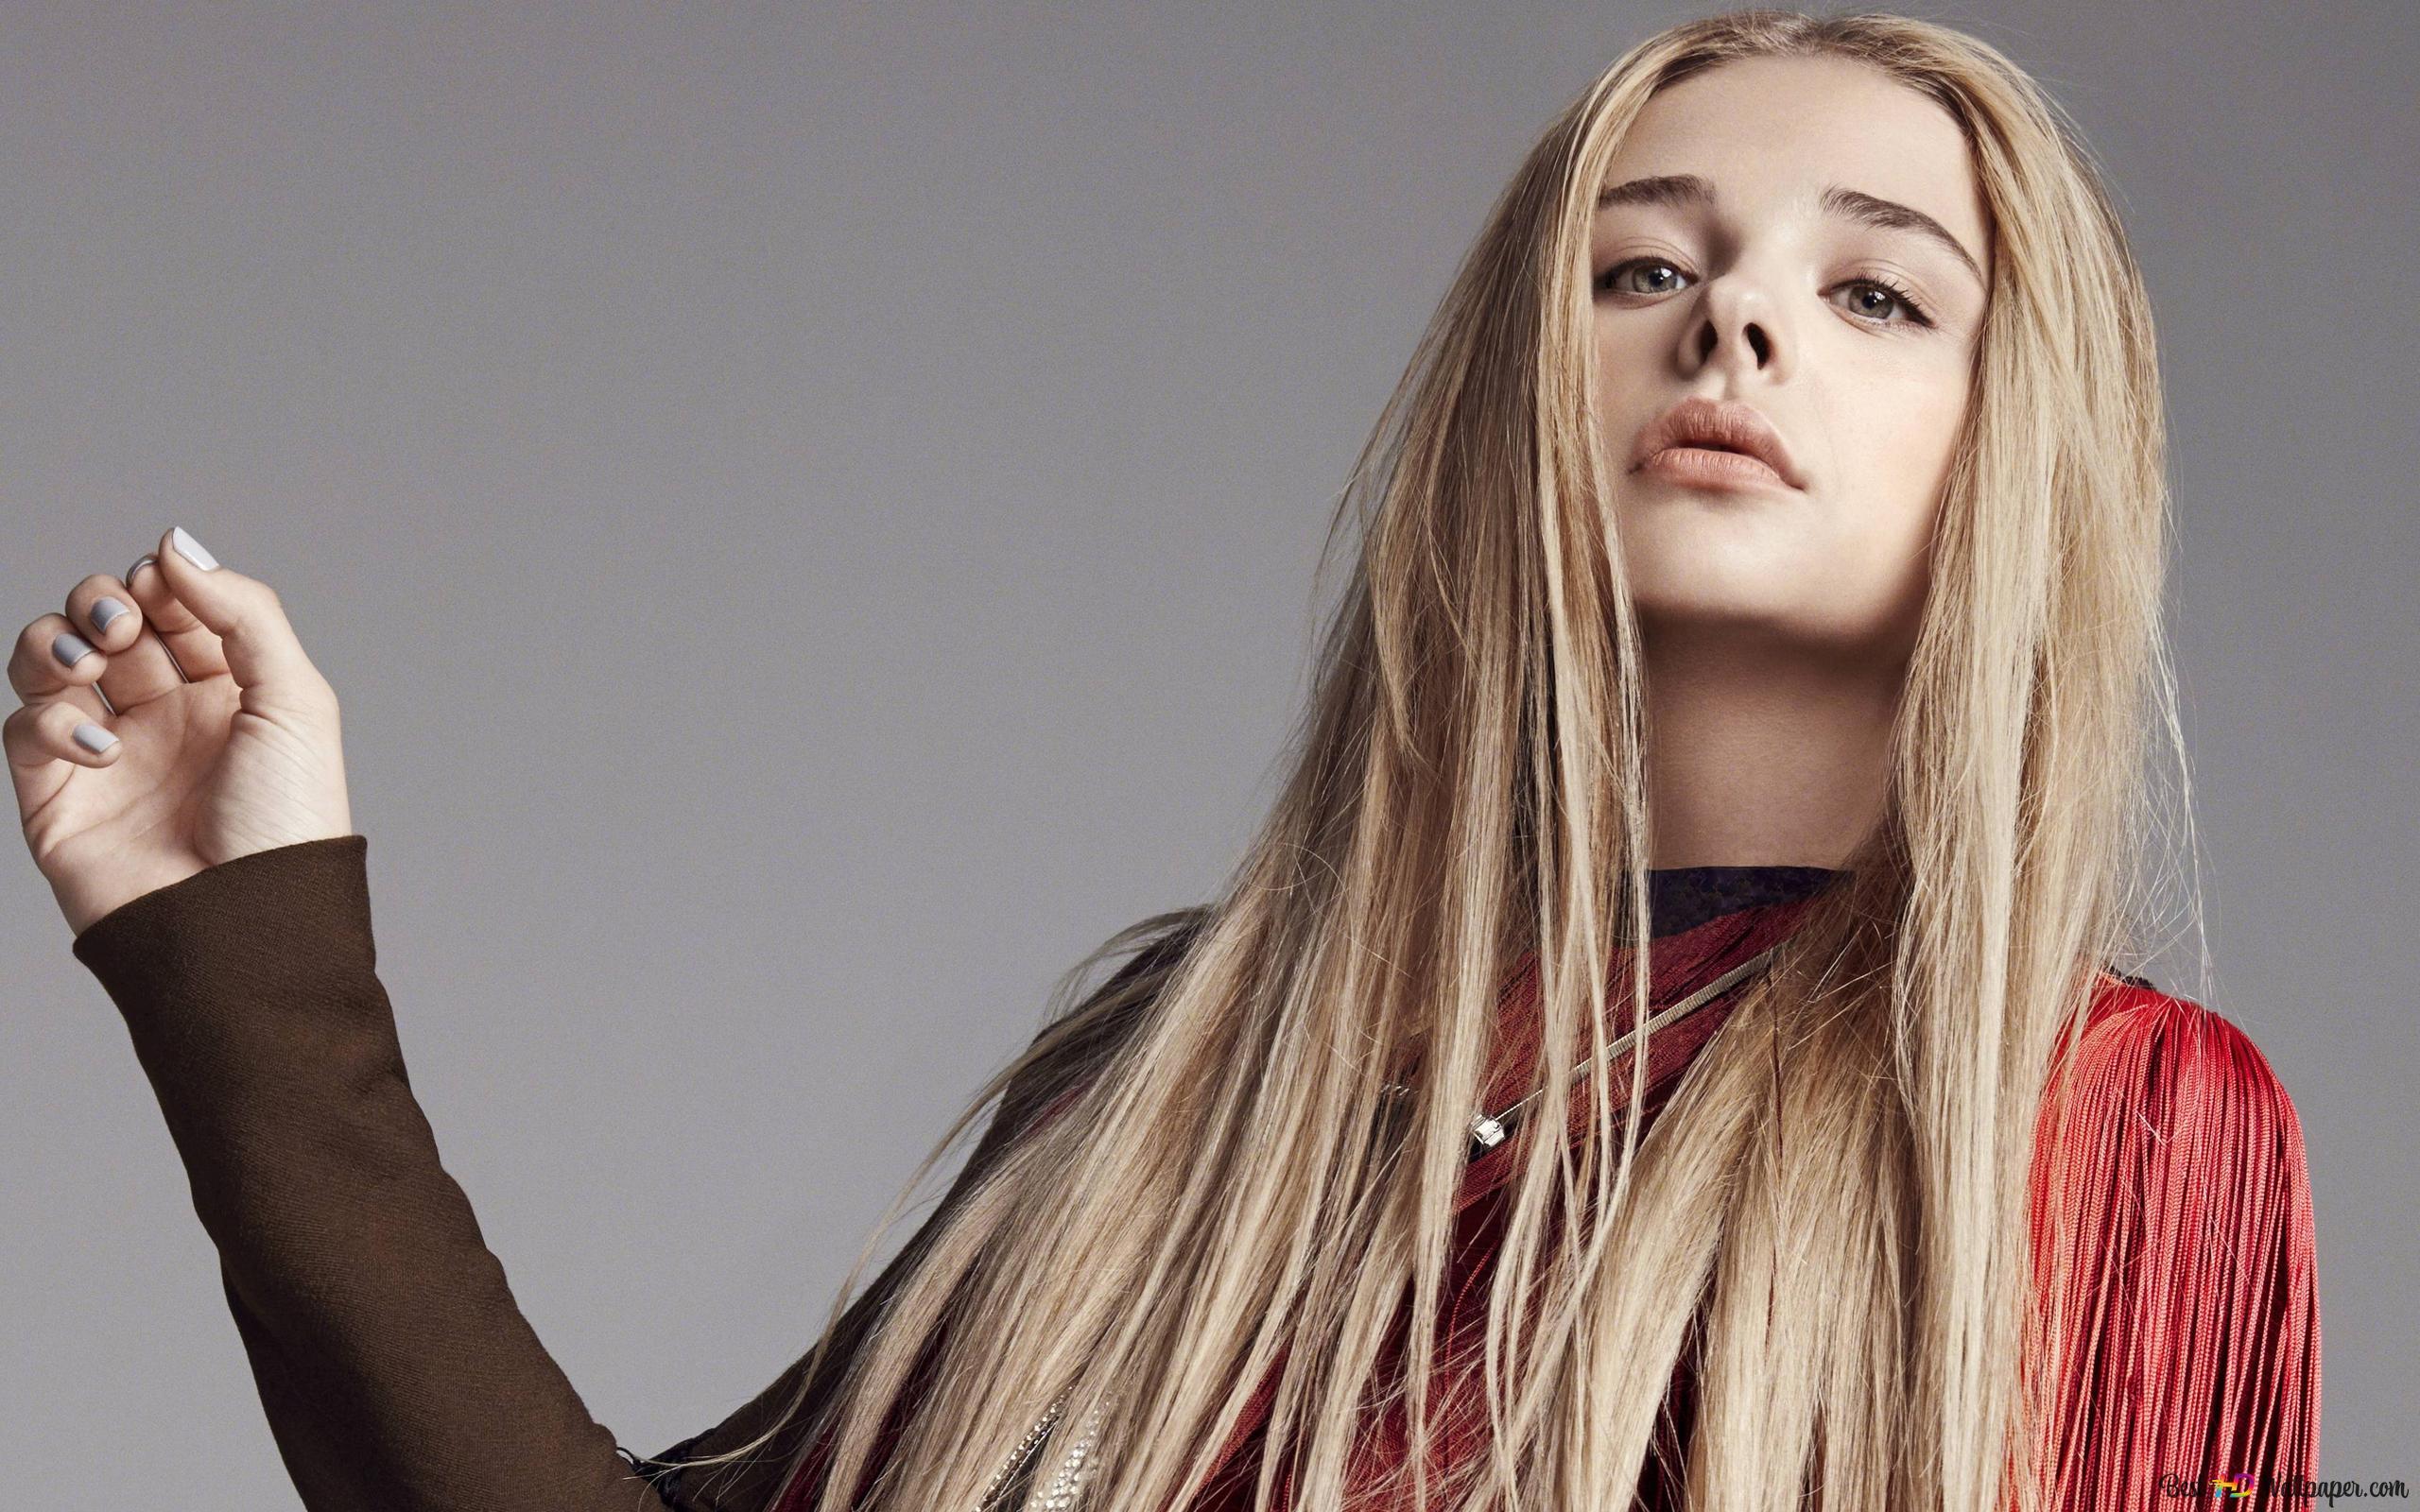 Морец длинные волосы HD обои скачать 55dde573fb560